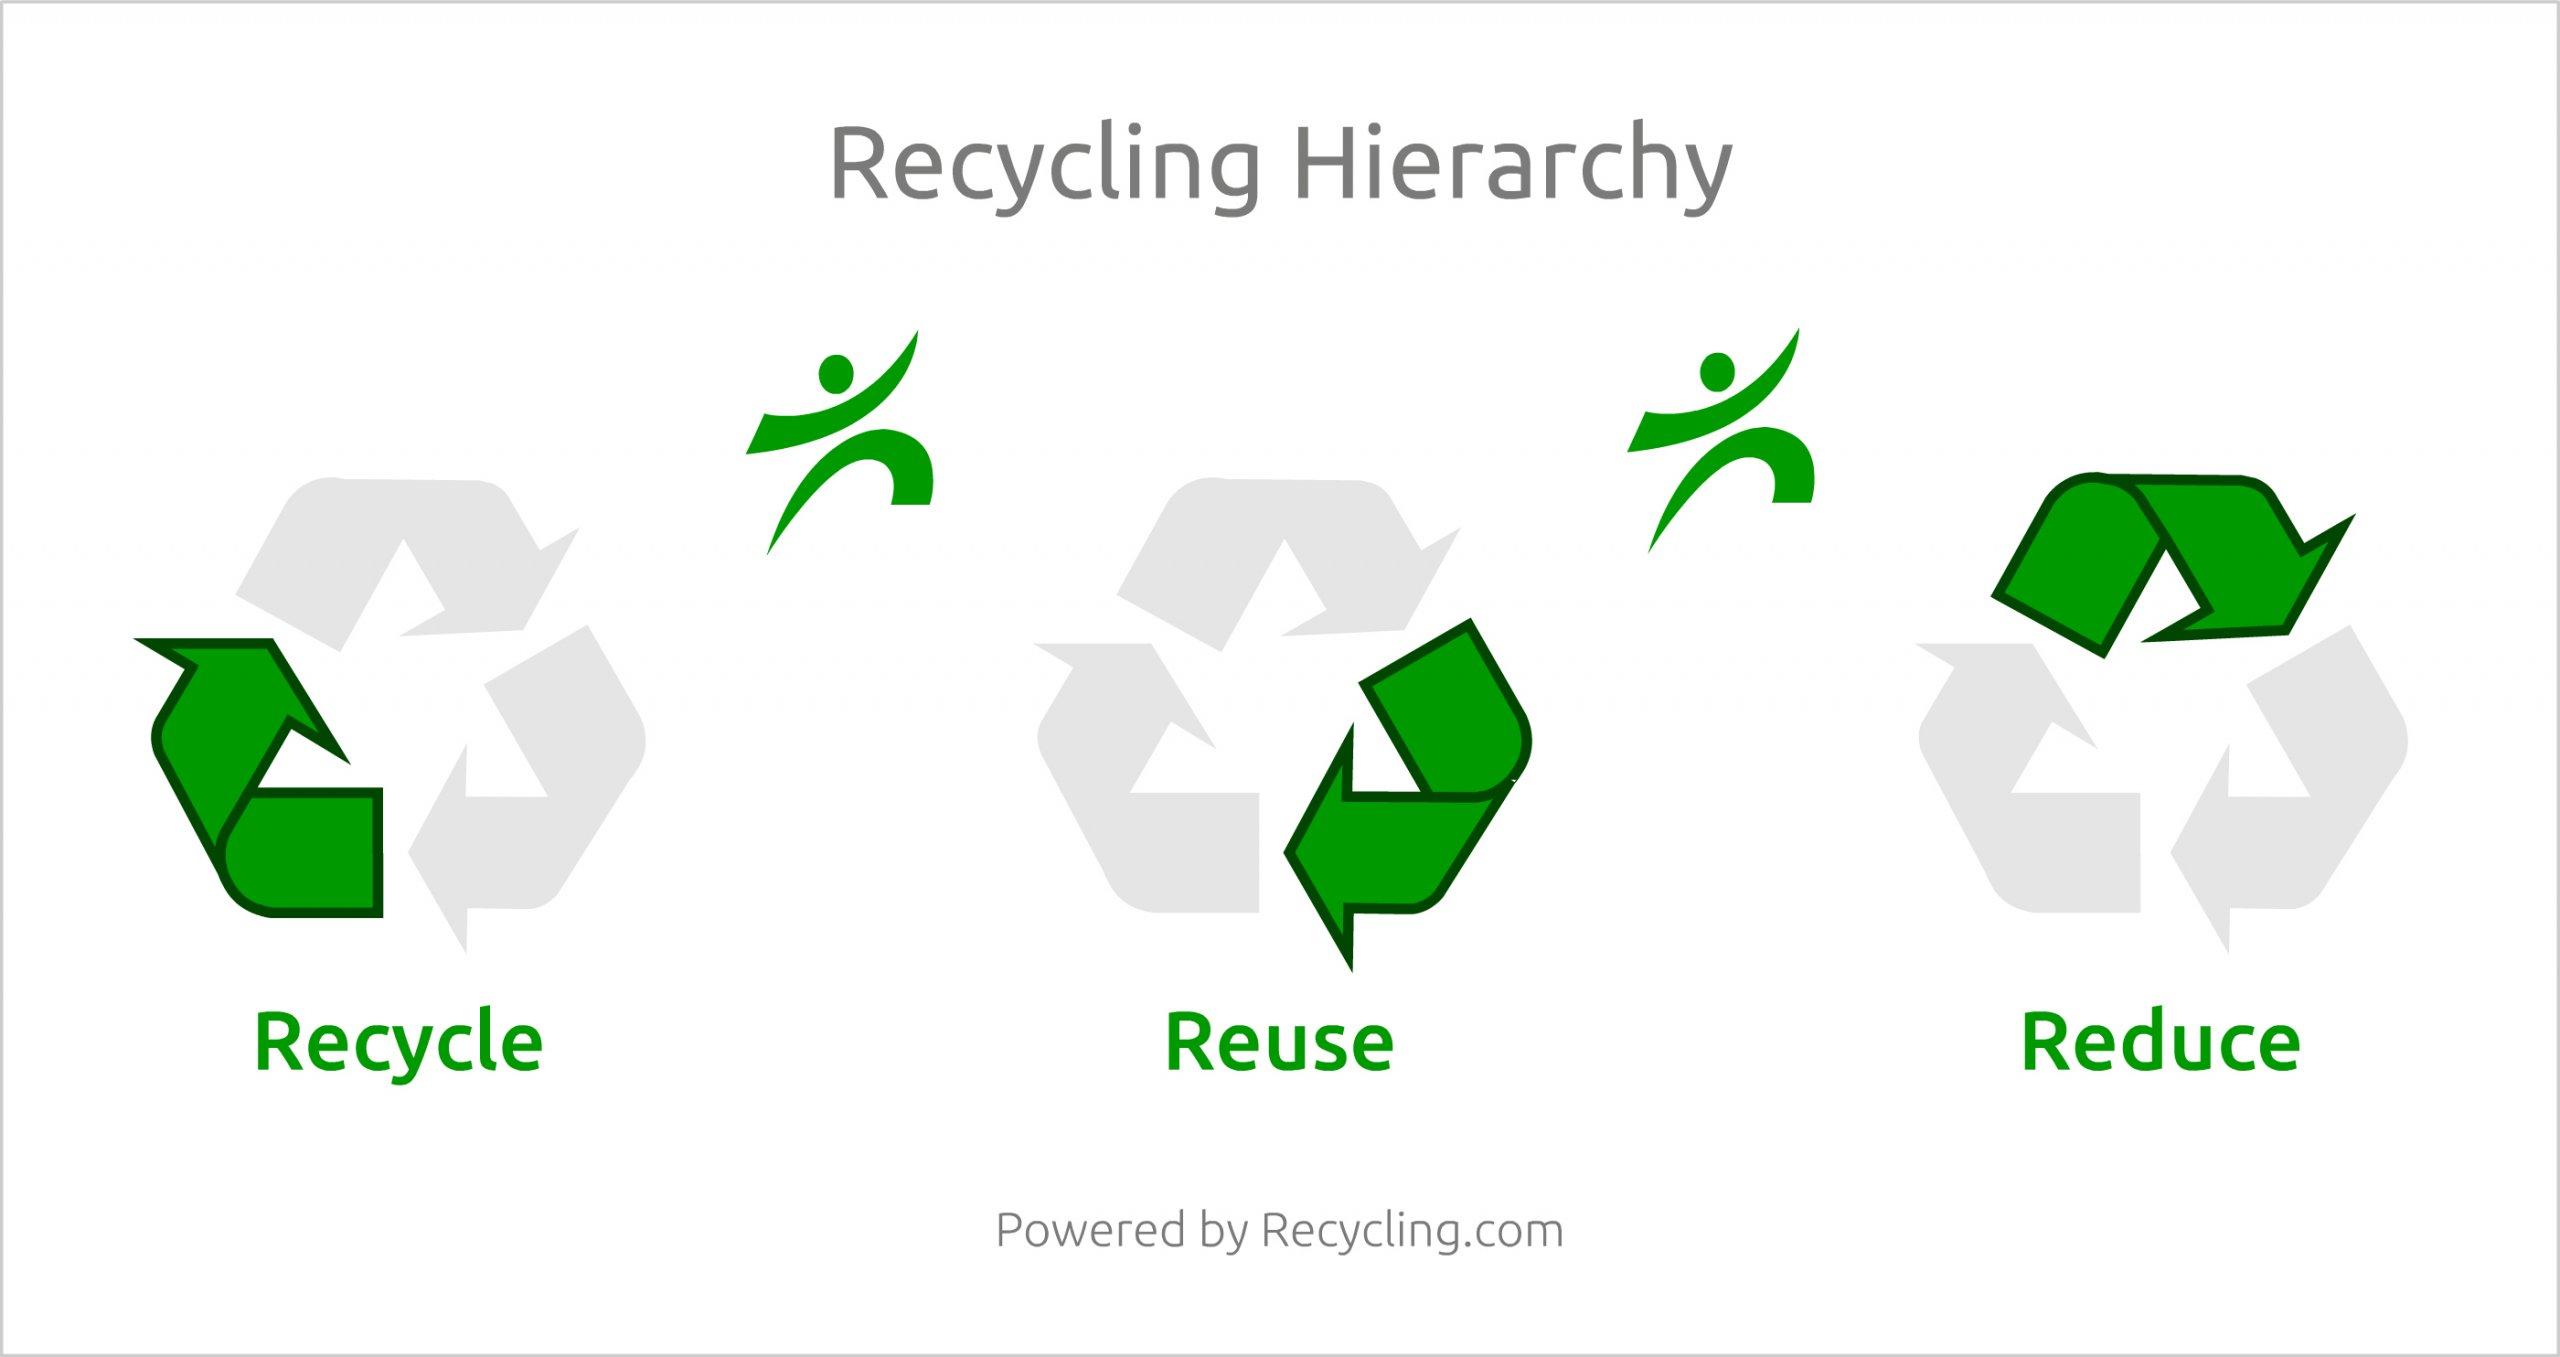 Τι είναι ανακύκλωση; (Image)